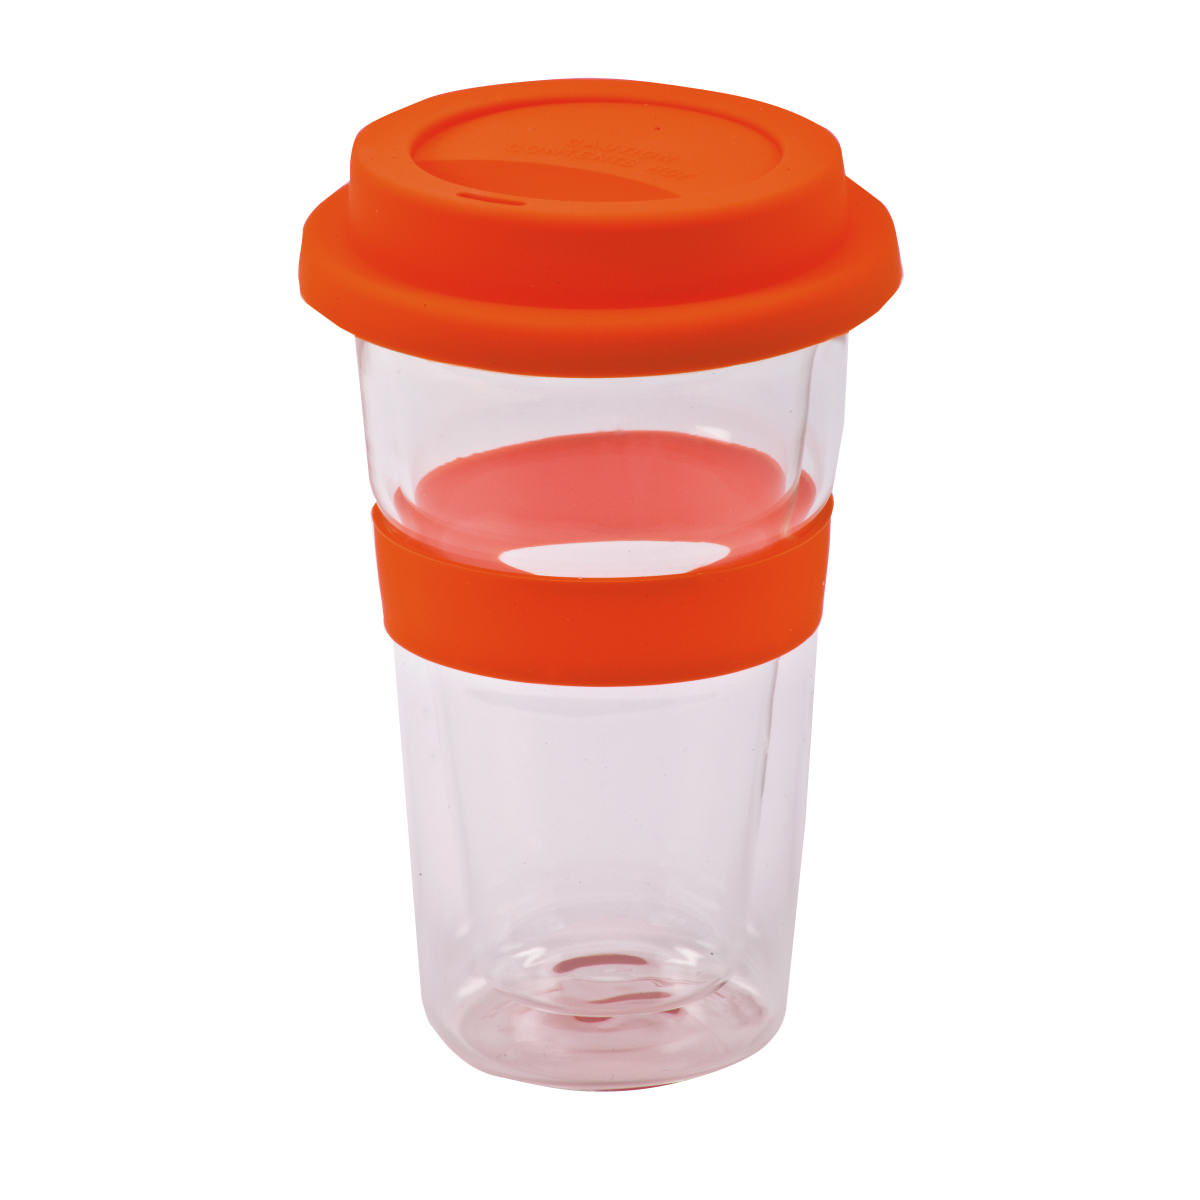 כוס שתיה מזכוכית דופן כפולה - ביקל